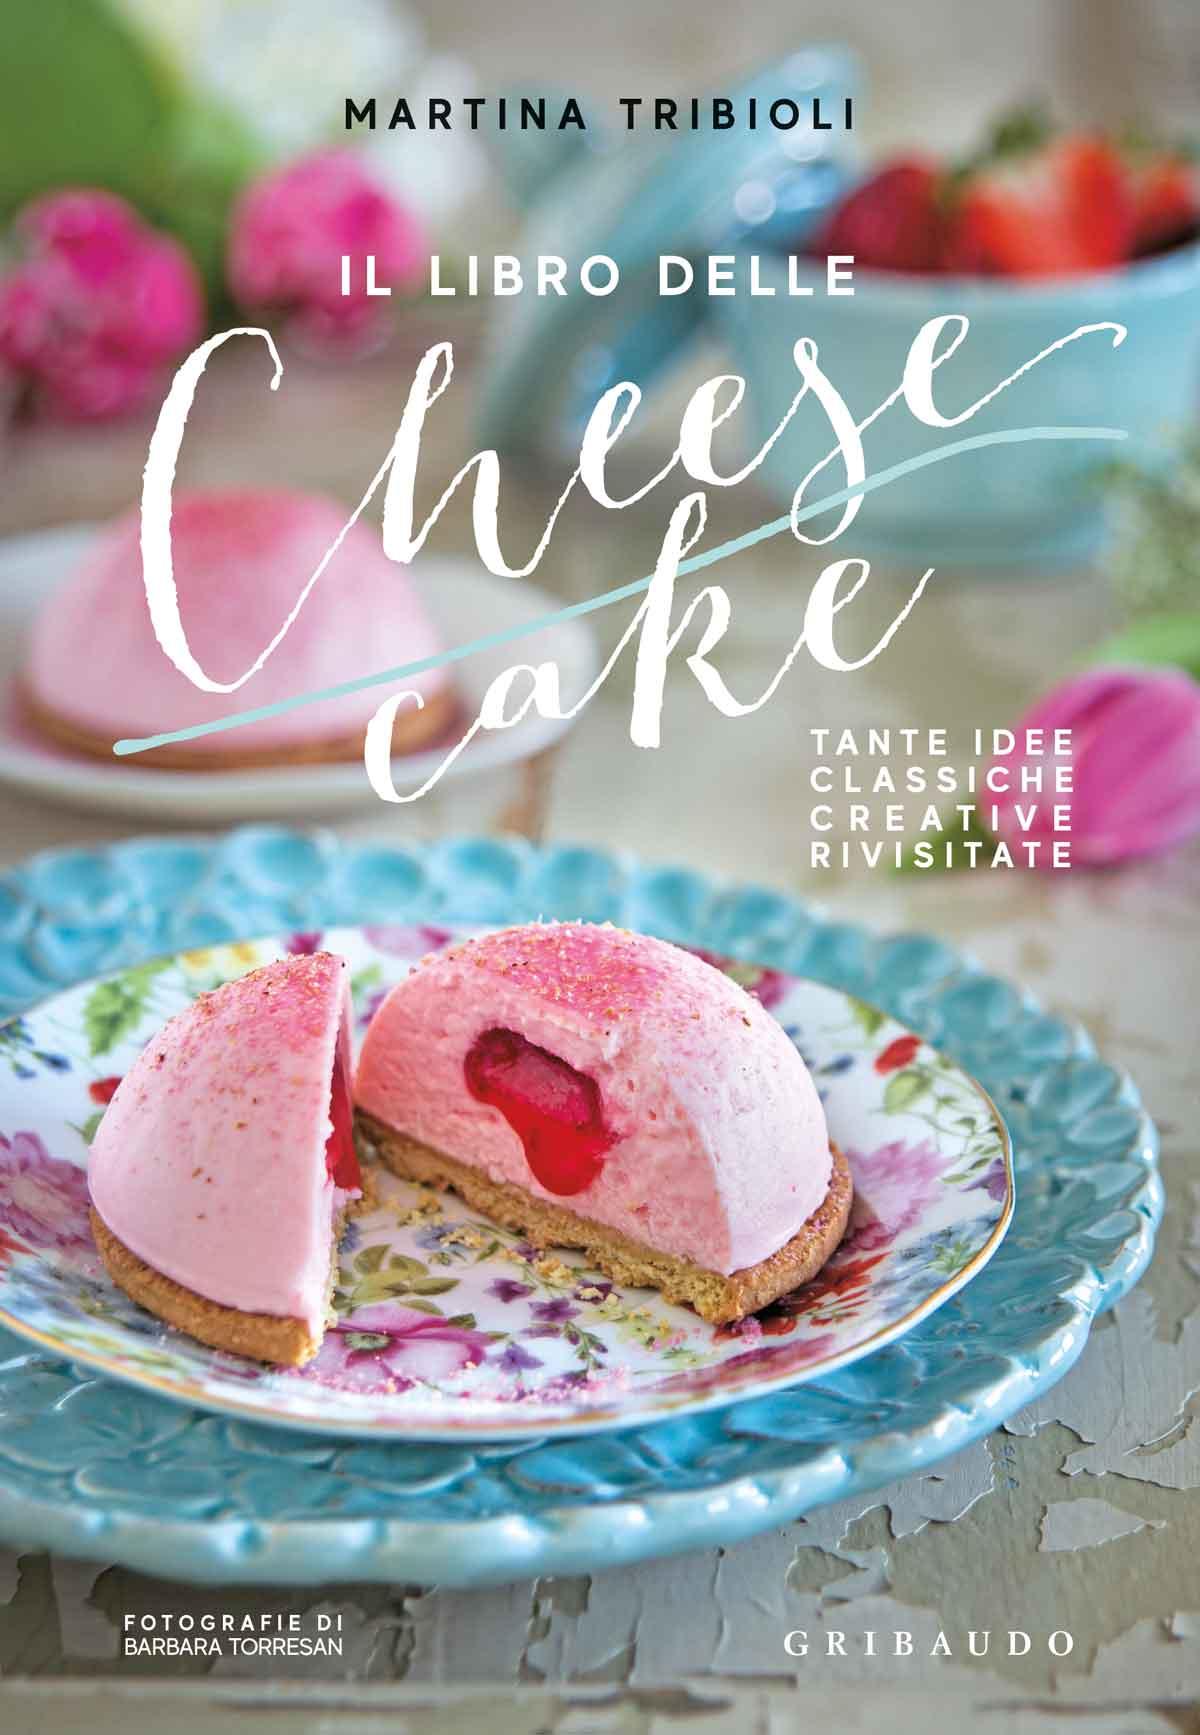 Recensione di Cheesecake – Martina Tribioli